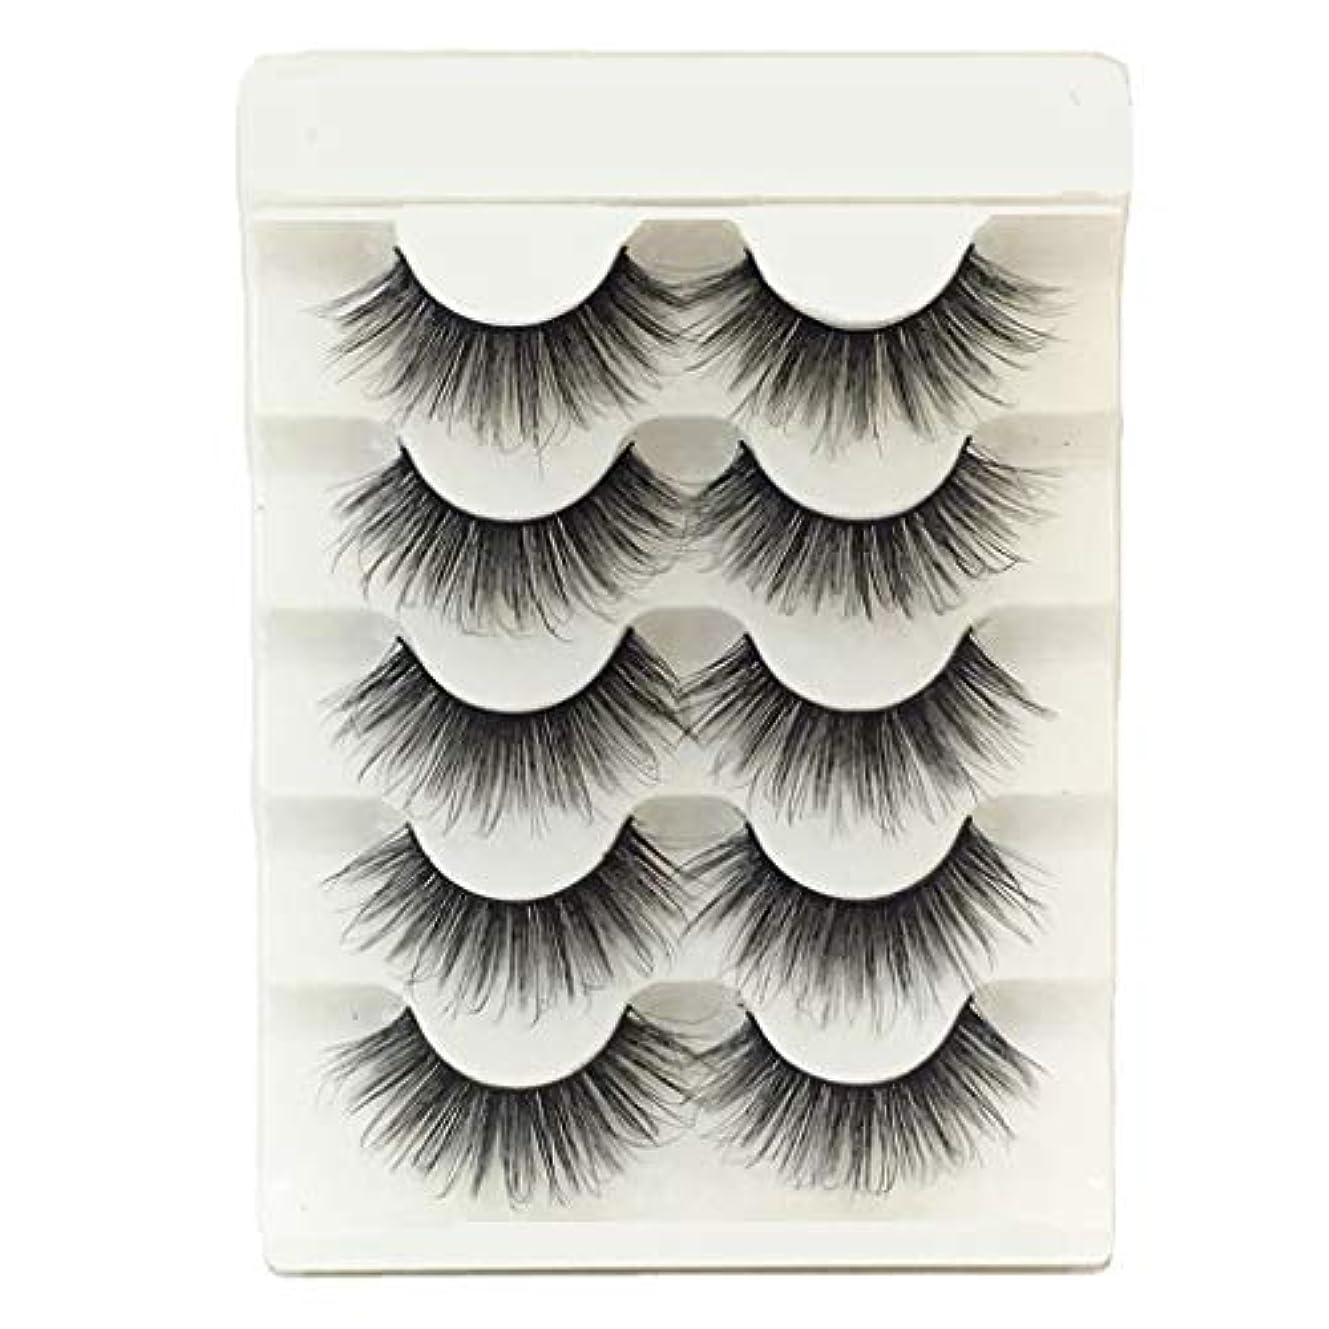 サバント原点明日Feteso 5ペア つけまつげ 上まつげ Eyelashes アイラッシュ ビューティー まつげエクステ レディース 化粧ツール アイメイクアップ 人気 ナチュラル 飾り 柔らかい 装着簡単 綺麗 濃密 再利用可能